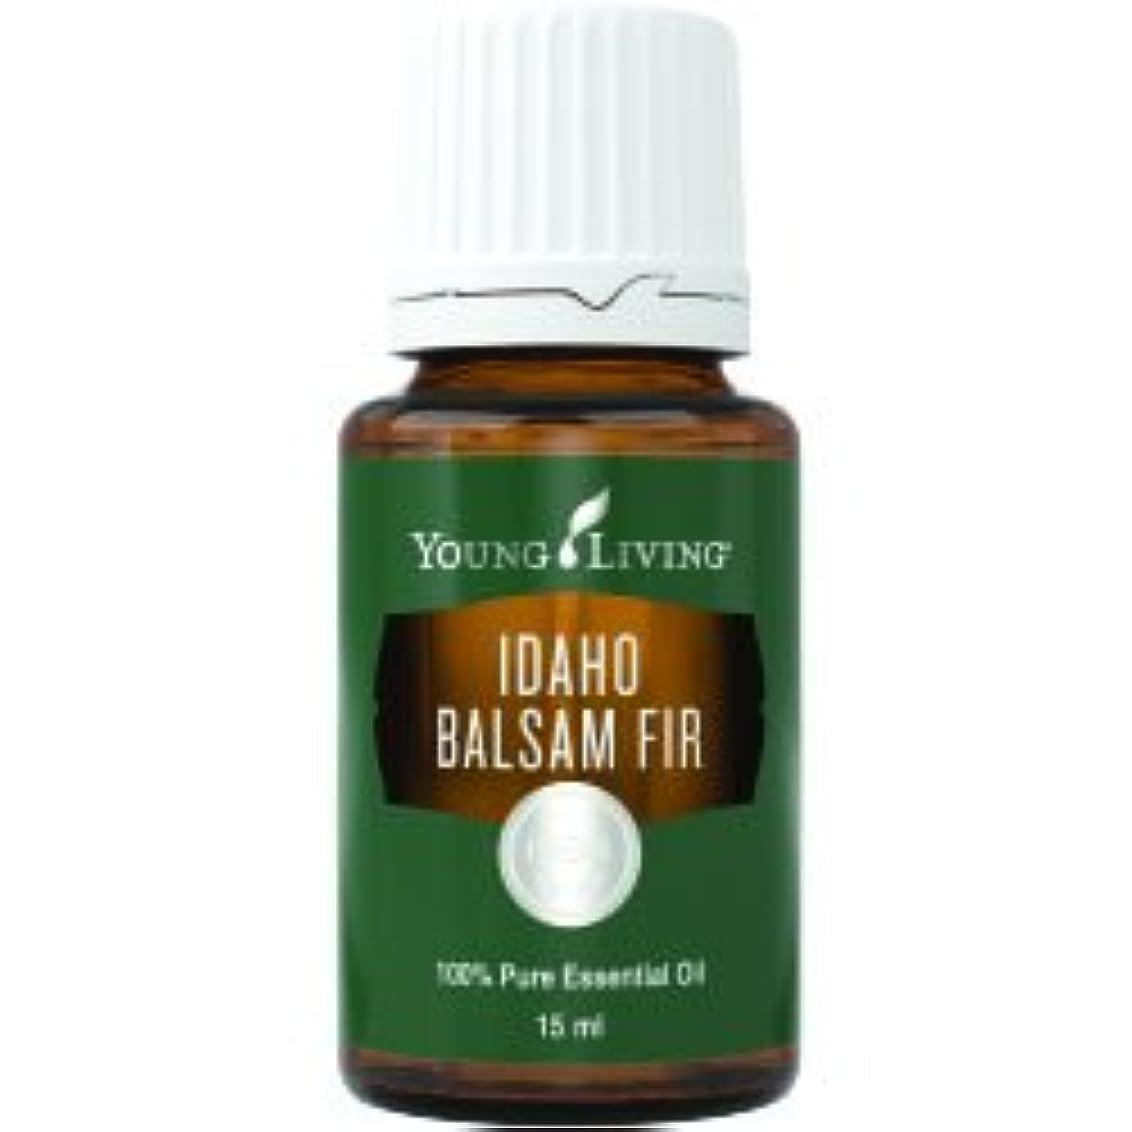 マネージャー国際ライラックアイダホバルサムモミエッセンシャルオイル15ml by Young Livingエッセンシャルオイルマレーシア Idaho Balsam Fir Essential Oil 15ml by Young Living Essential...